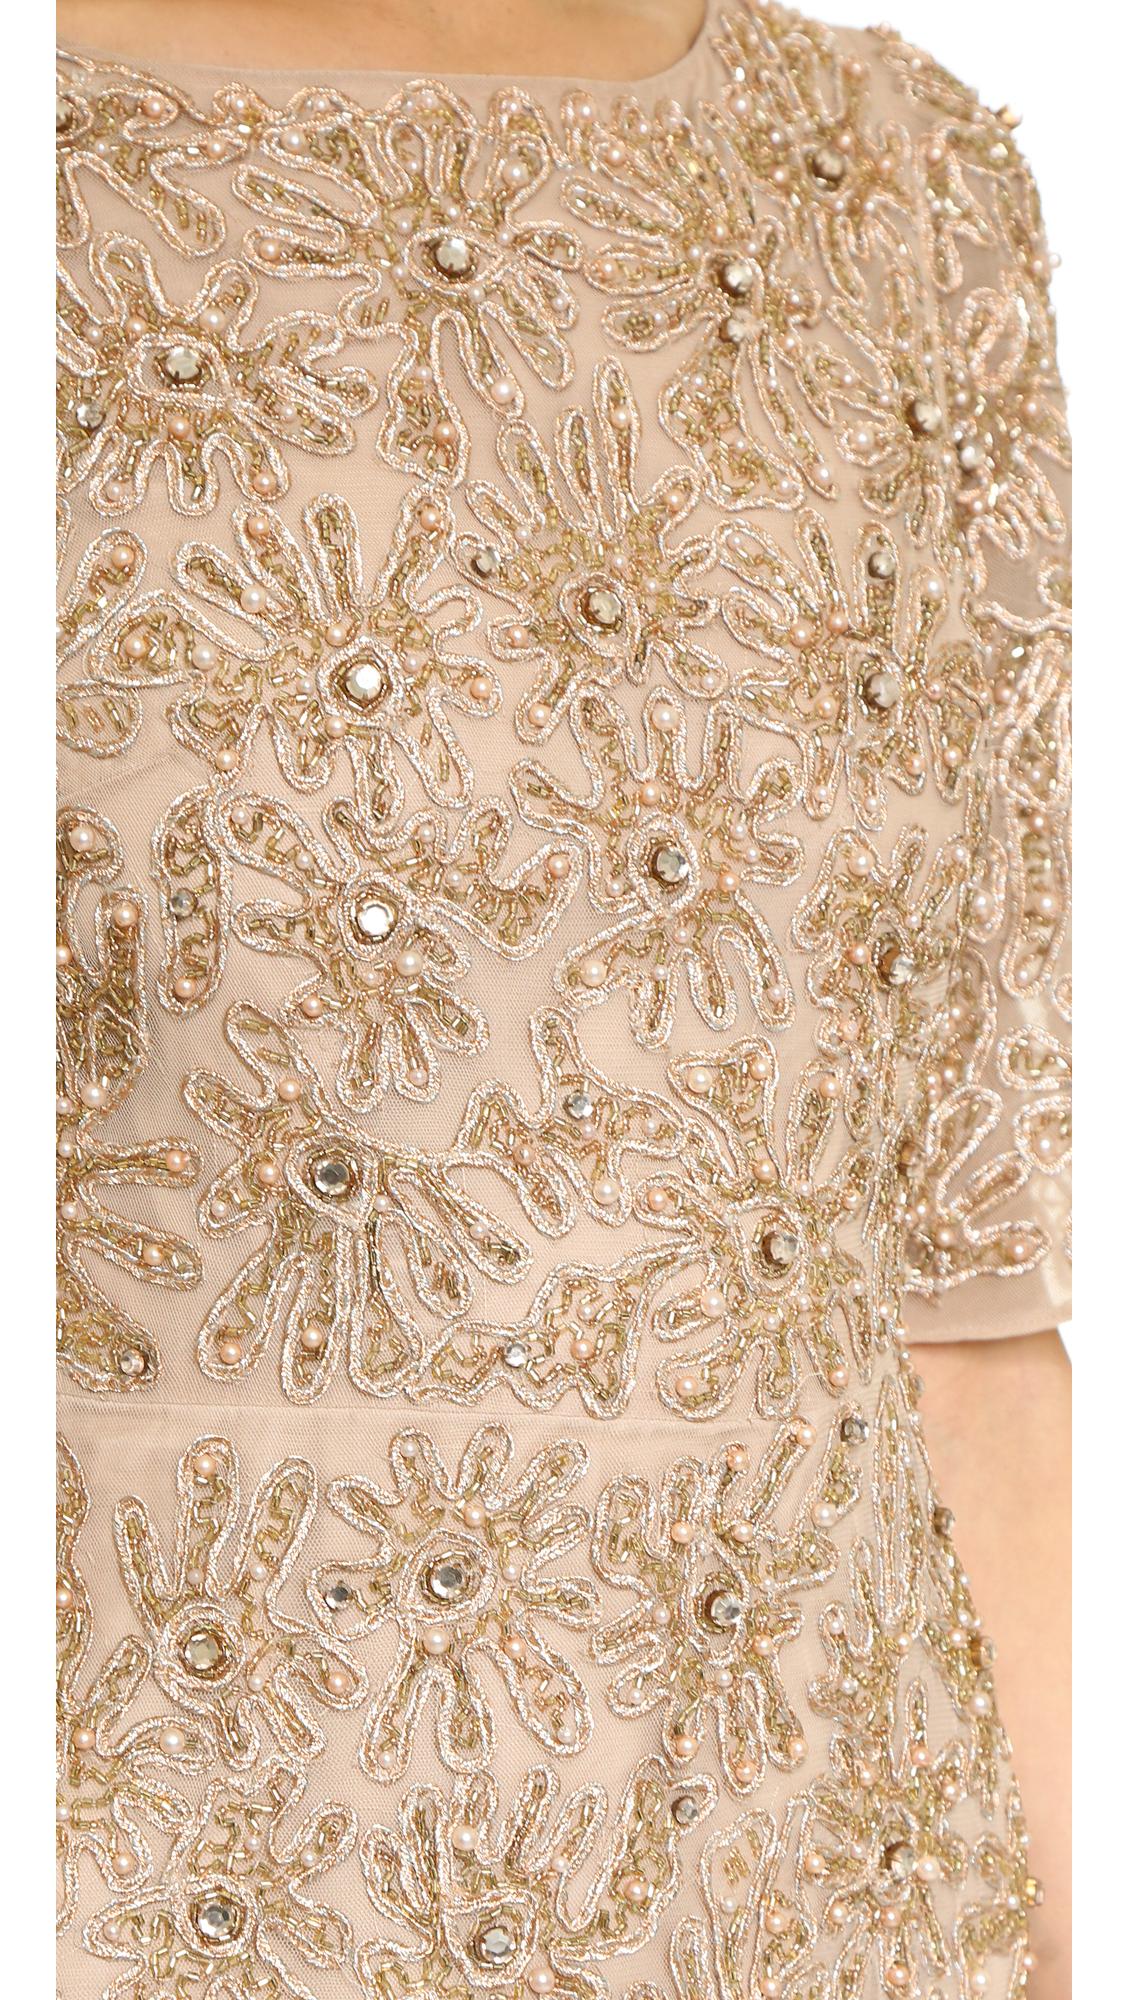 8baf5ef417 alice + olivia Drina Embellished Dress   SHOPBOP